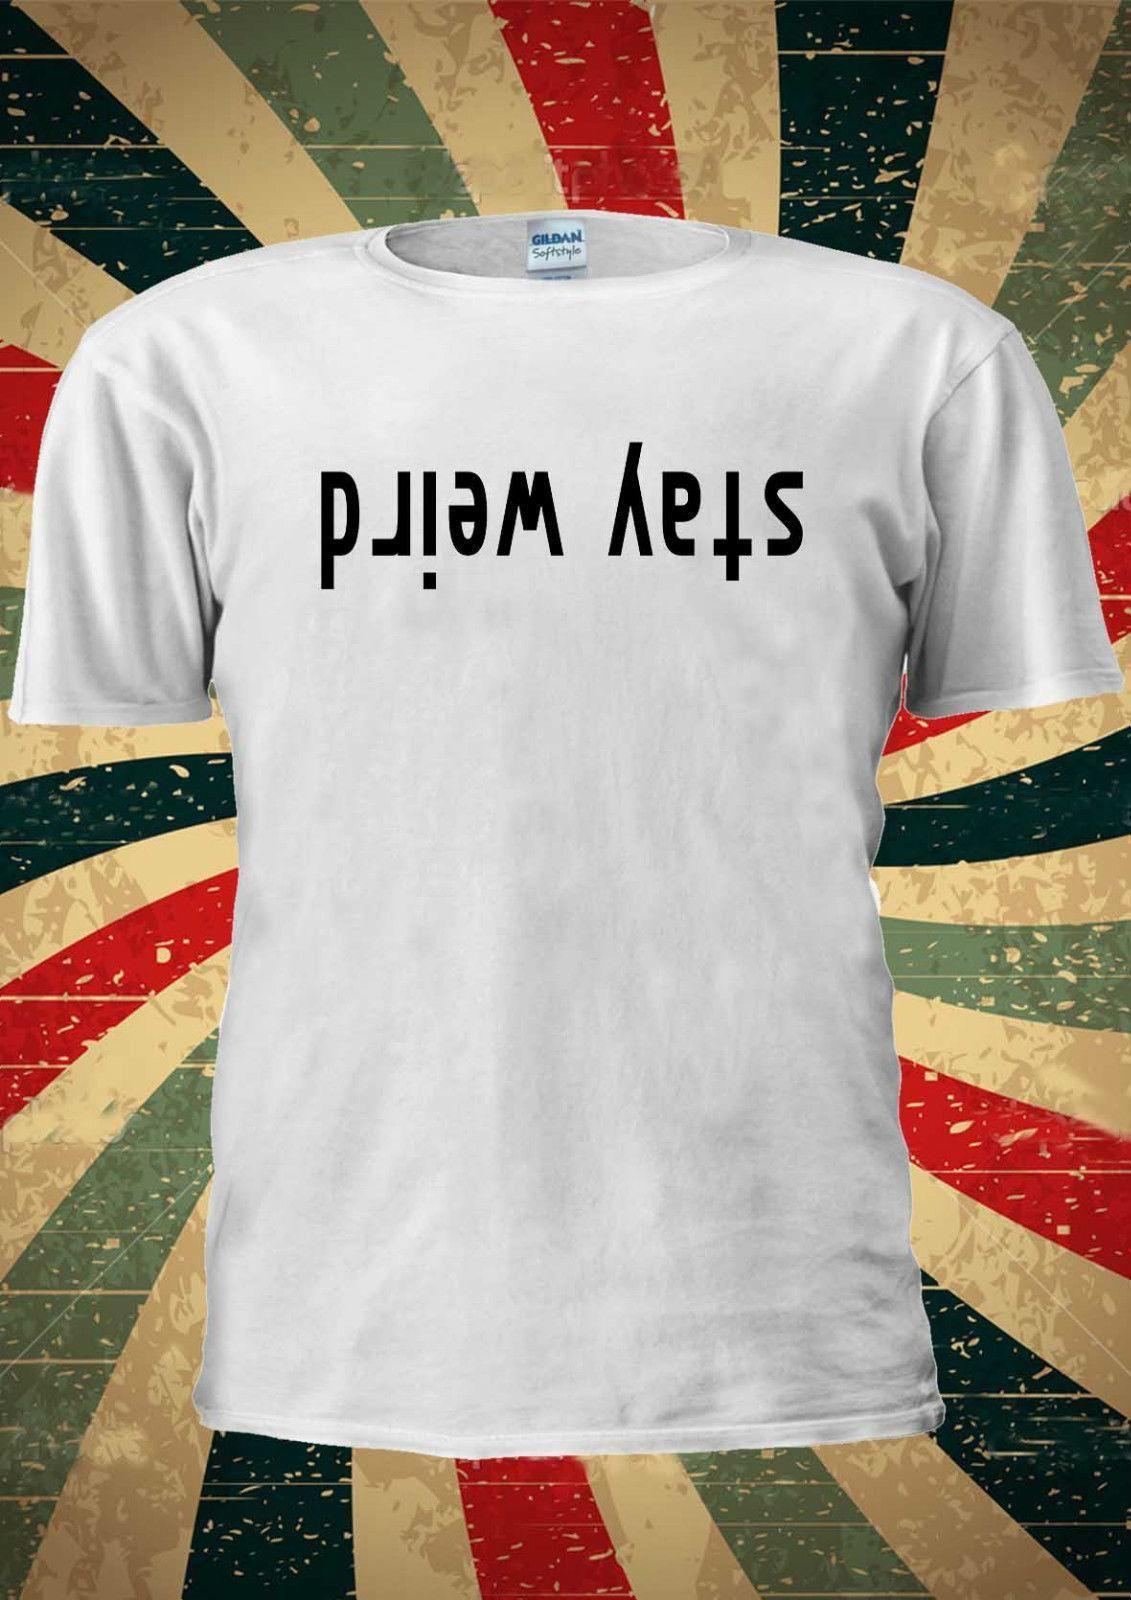 c5ba2bb98 Stay Weird Reverse Funny T Shirt Vest Top Men Women Unisex 1858 T Shirt  Design Template Funny T Shirt From Lijian15, $11.37| DHgate.Com